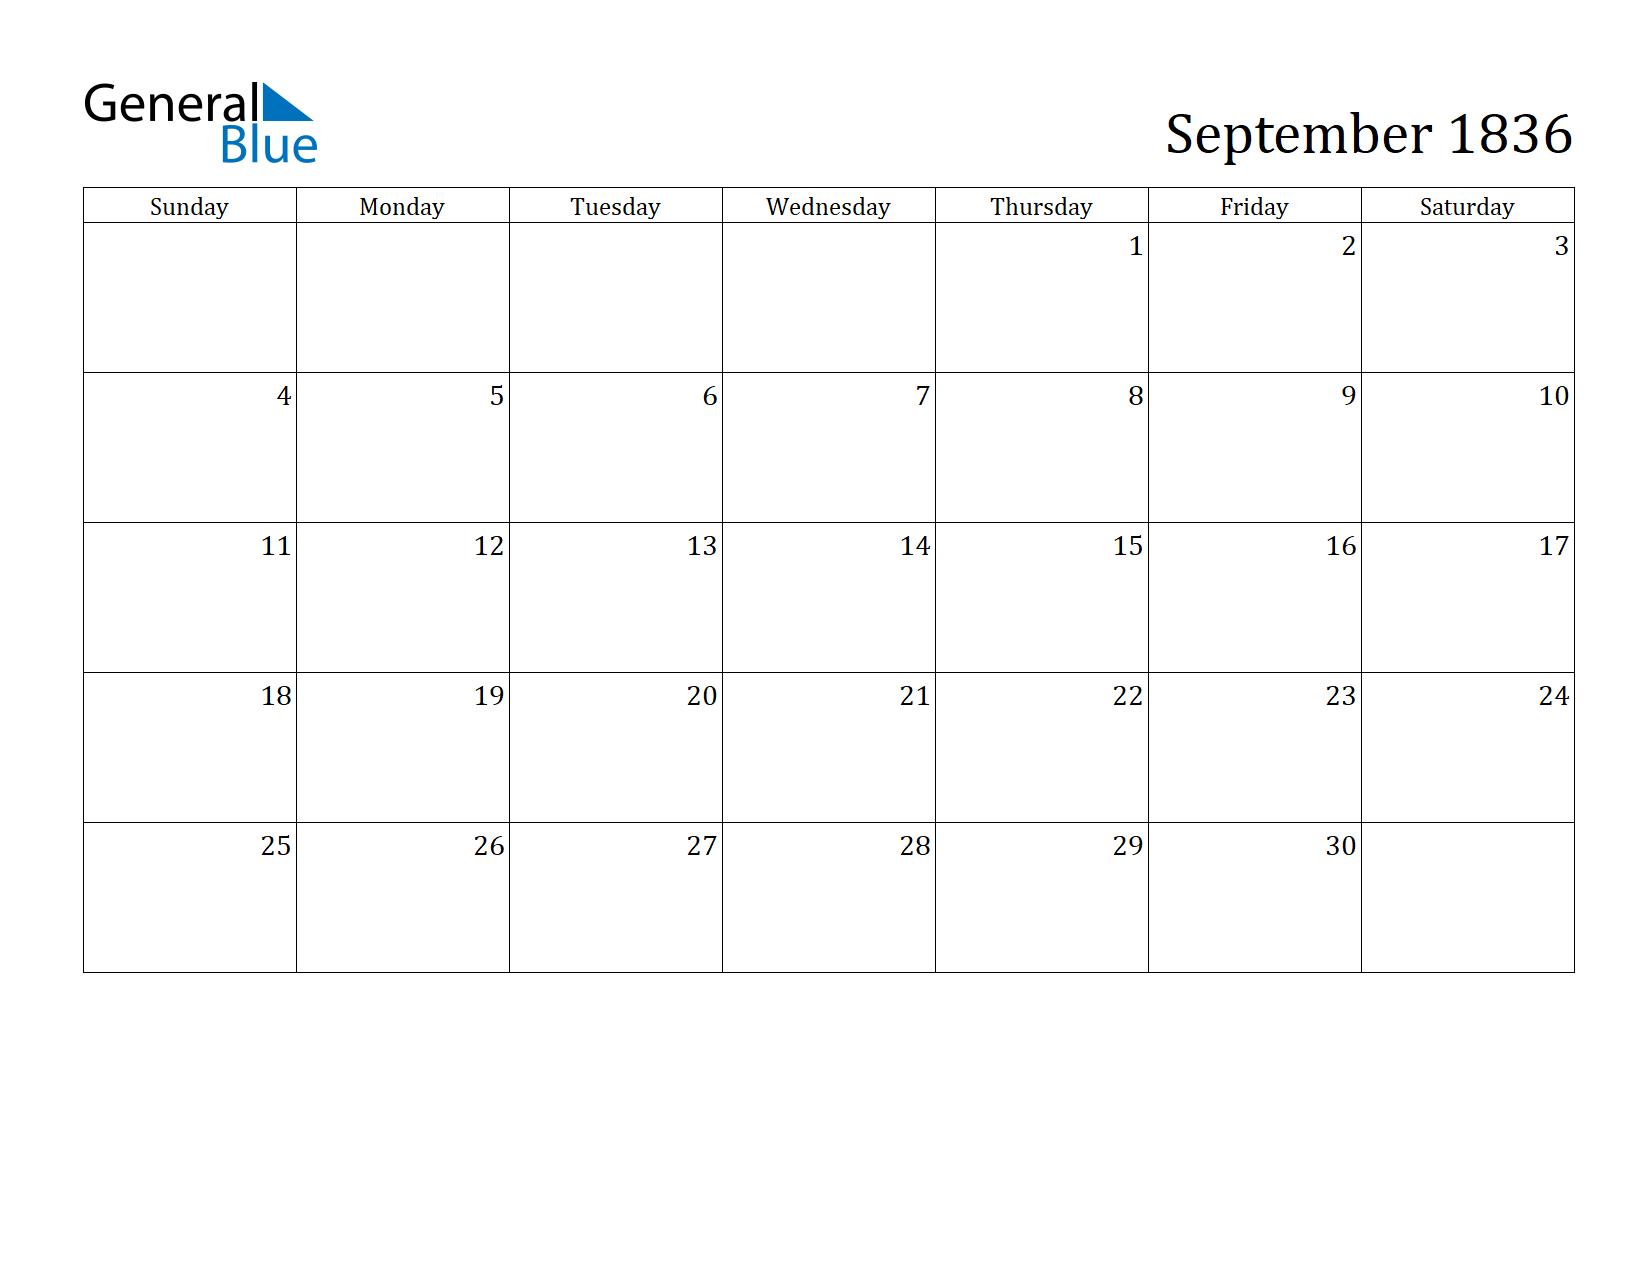 Image of September 1836 Calendar